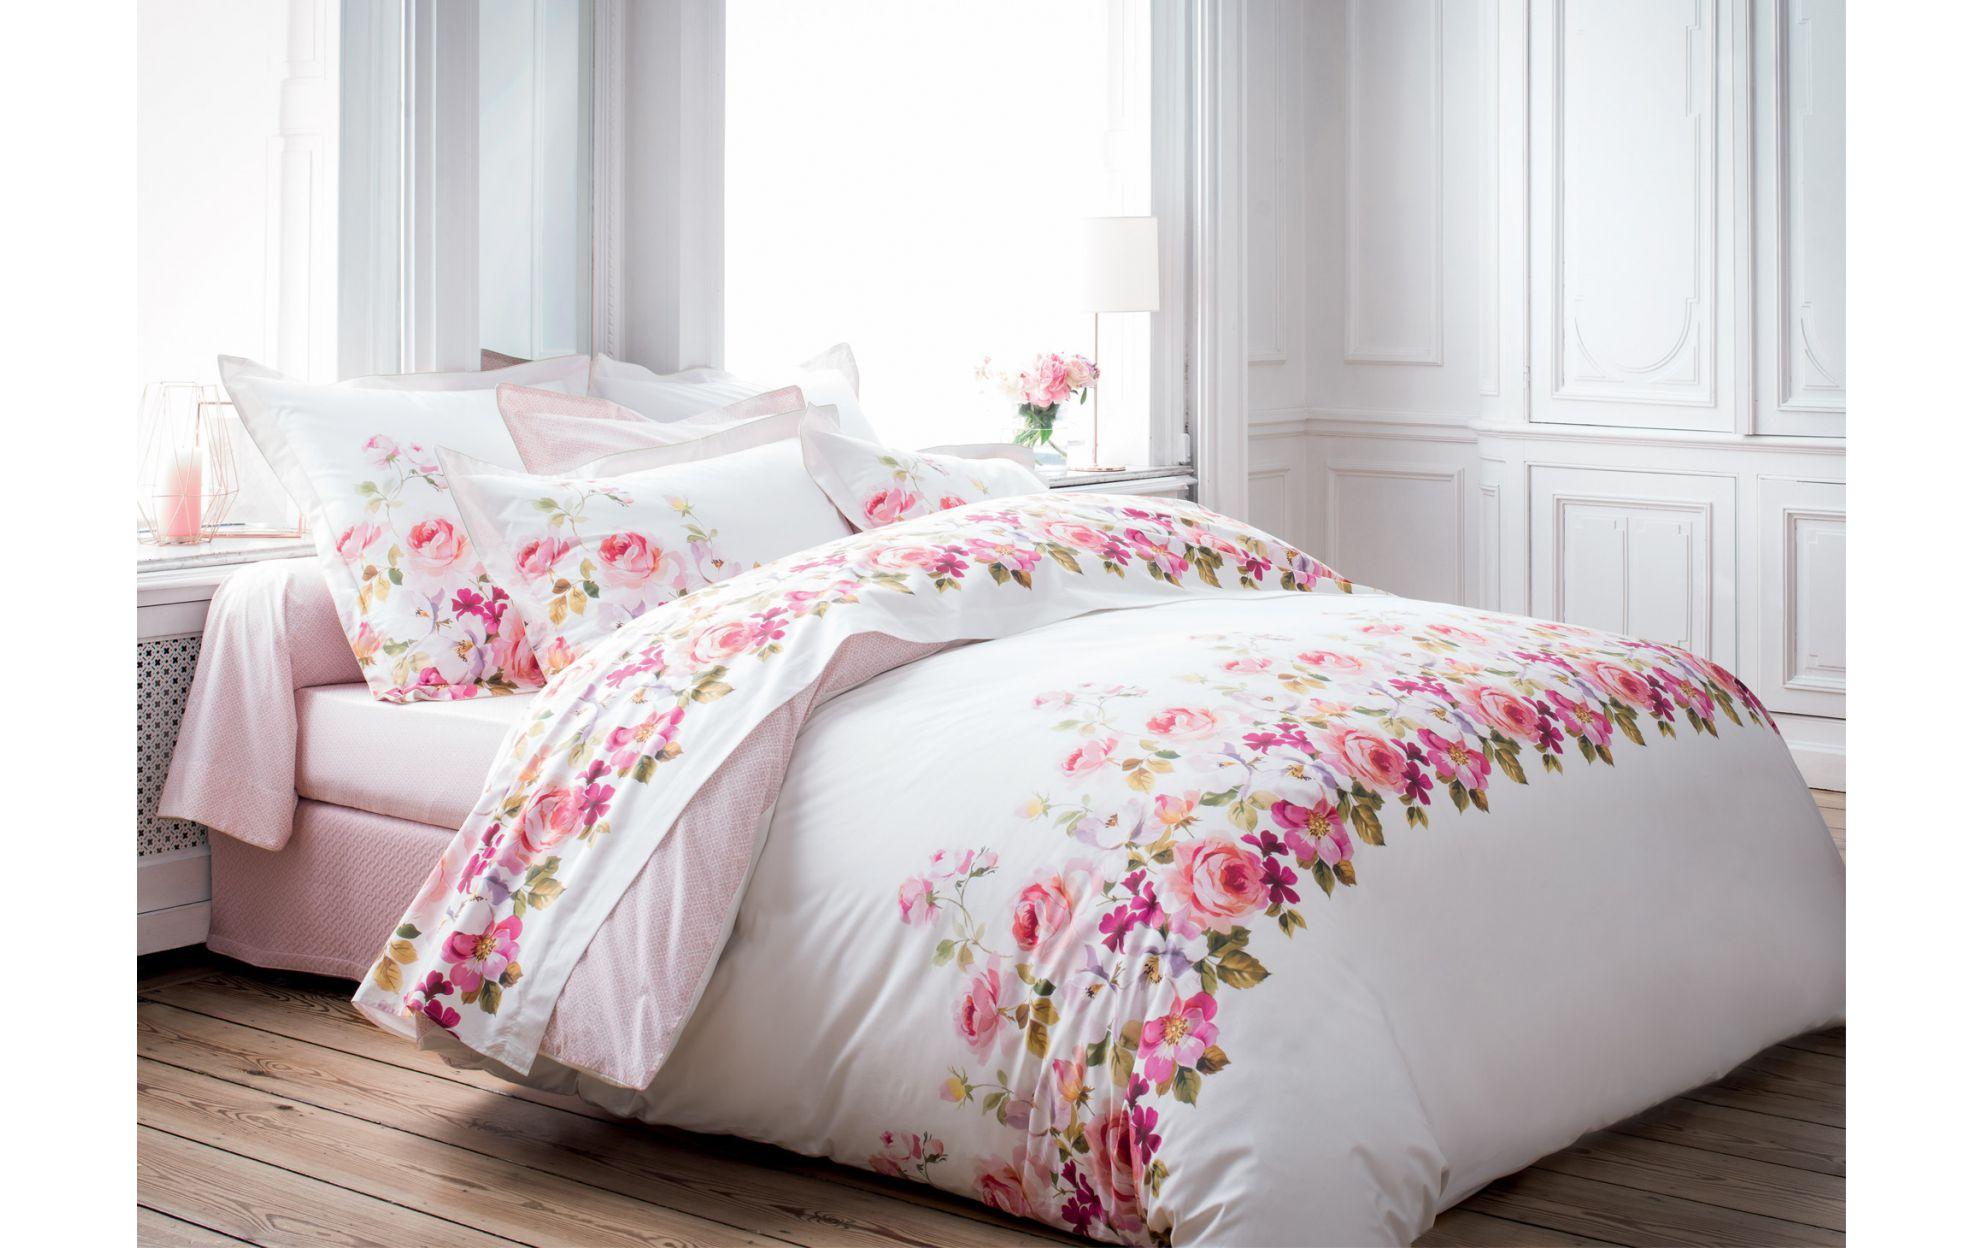 housse de couette fleurie l 39 atelier des fleurs. Black Bedroom Furniture Sets. Home Design Ideas